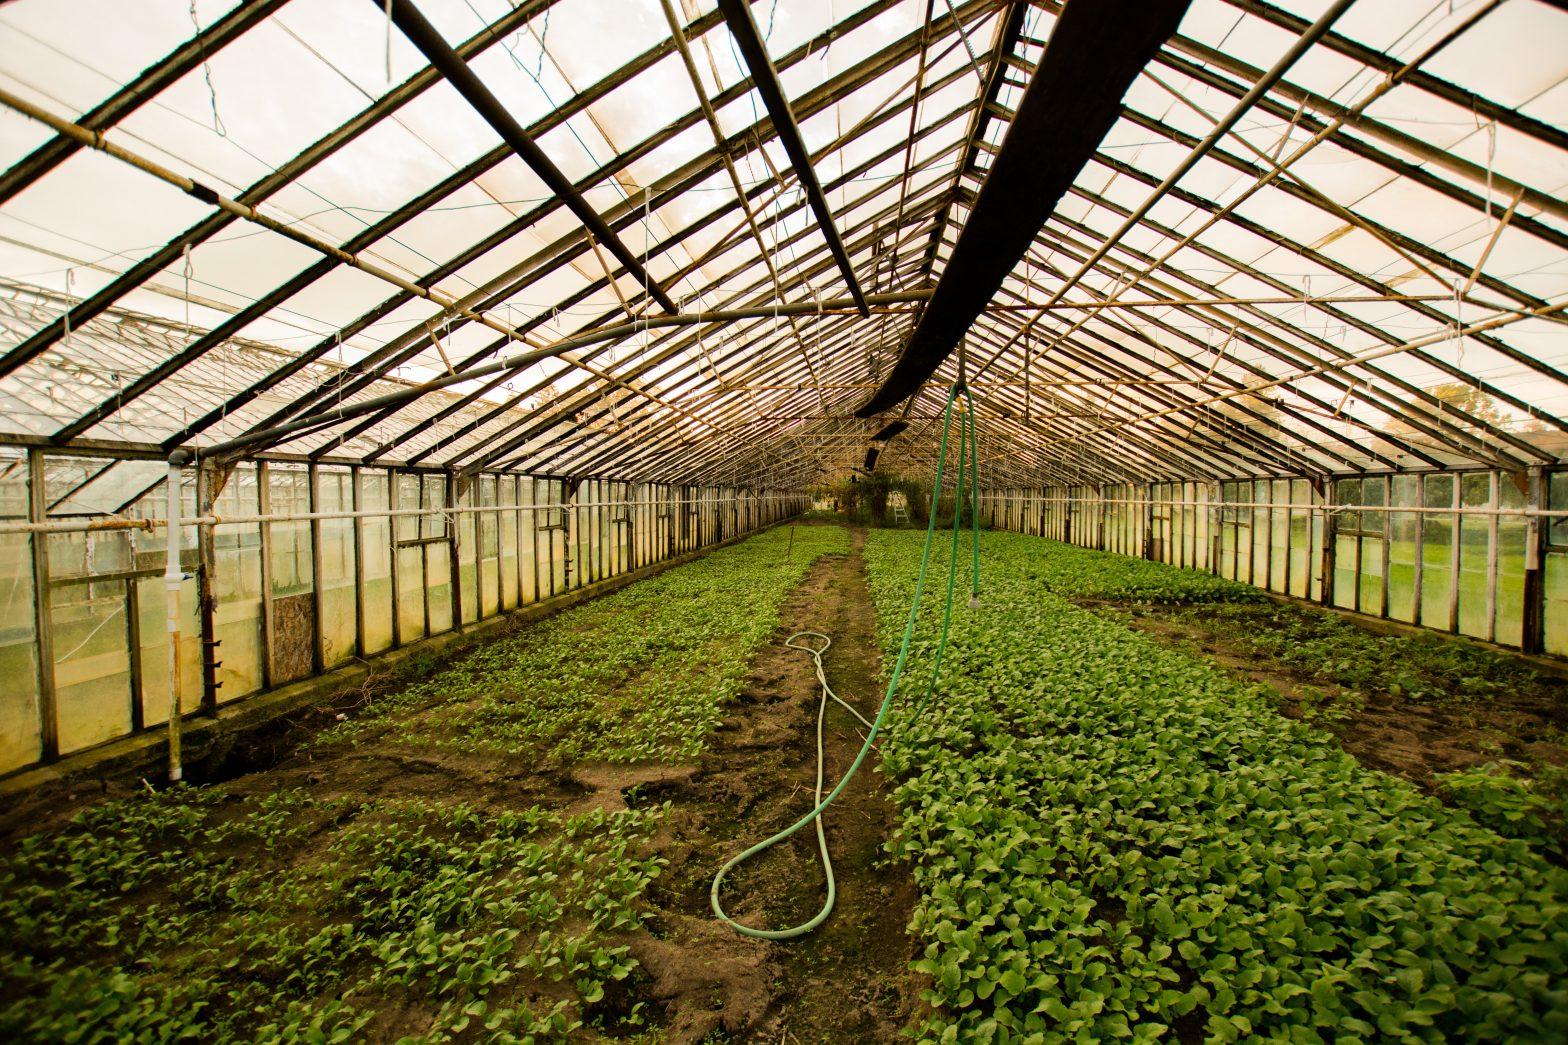 Sostegno temporaneo eccezionale a favore di agricoltori particolarmente colpiti dalla crisi in Veneto.